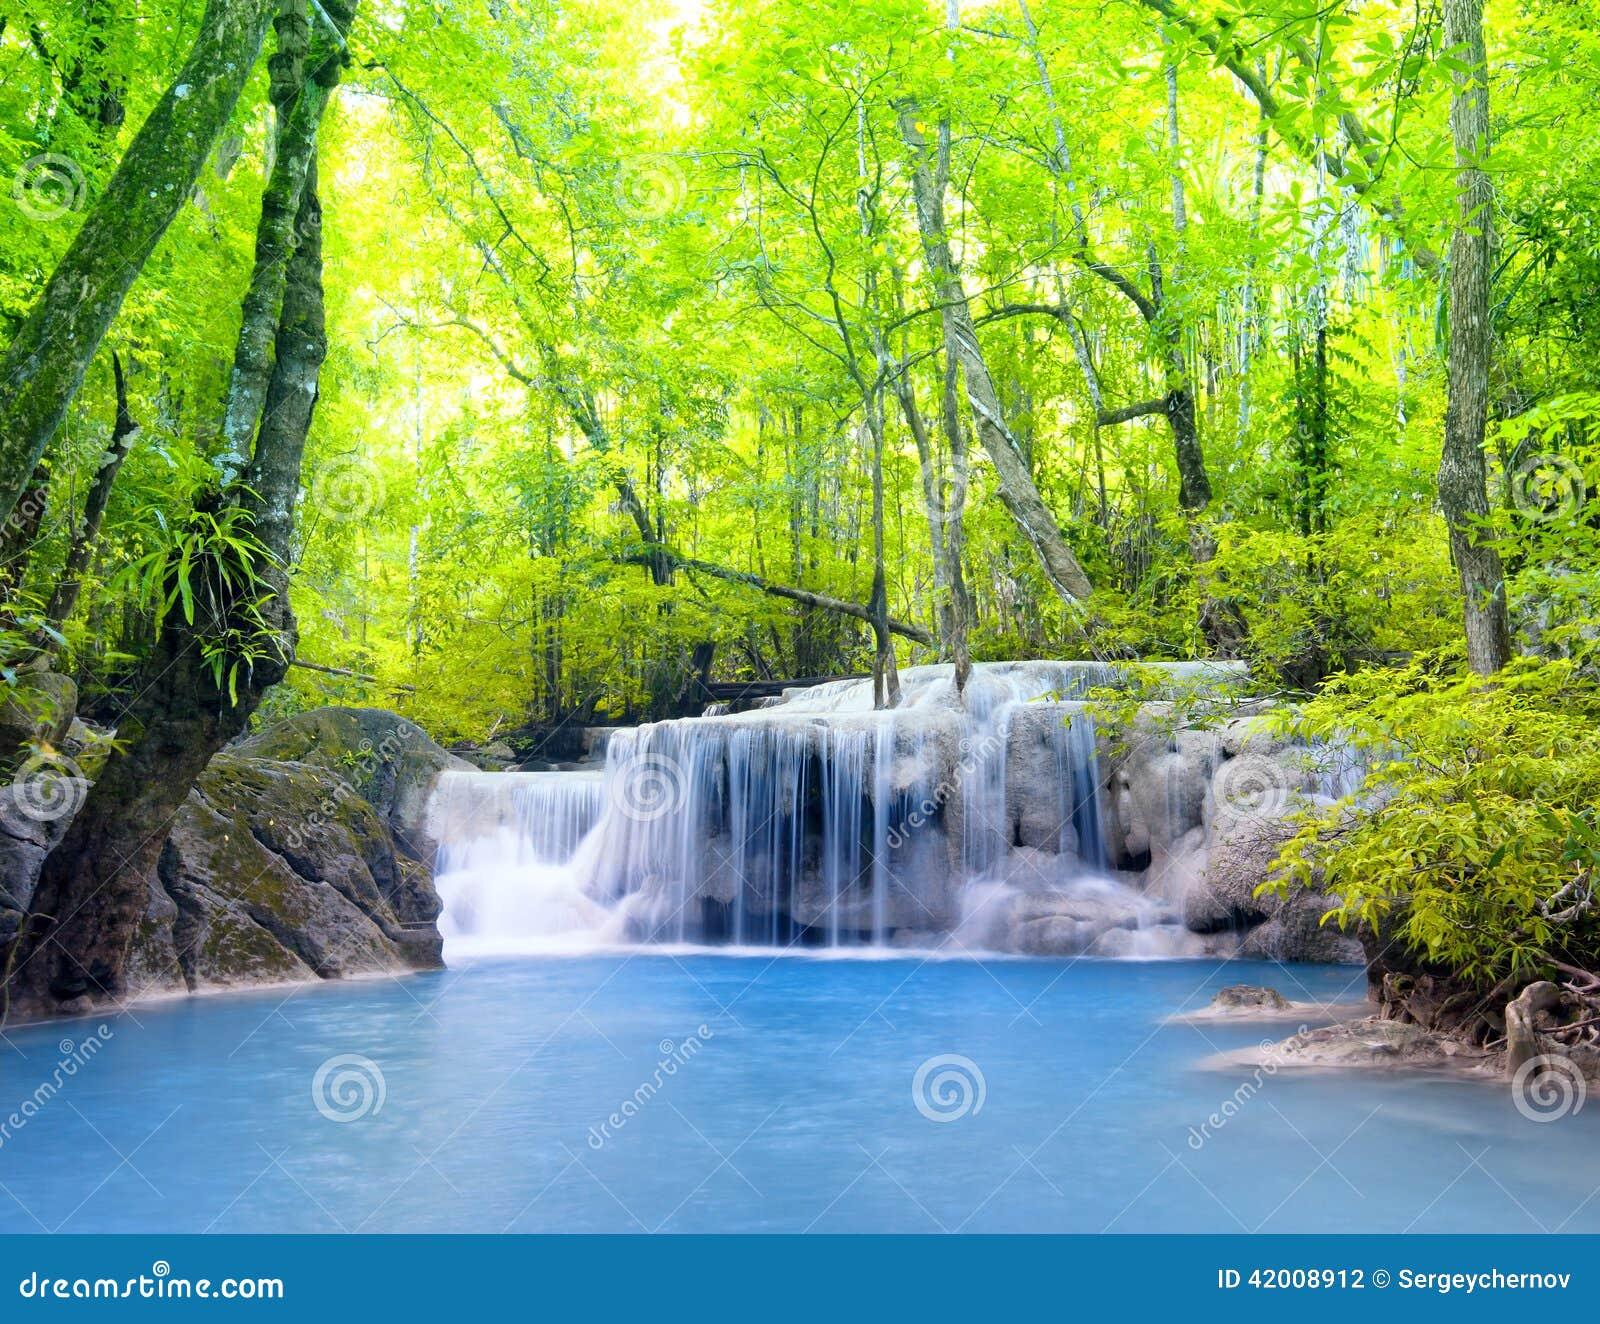 Beautiful Nature House: Erawan Waterfall In Thailand. Beautiful Nature Stock Photo